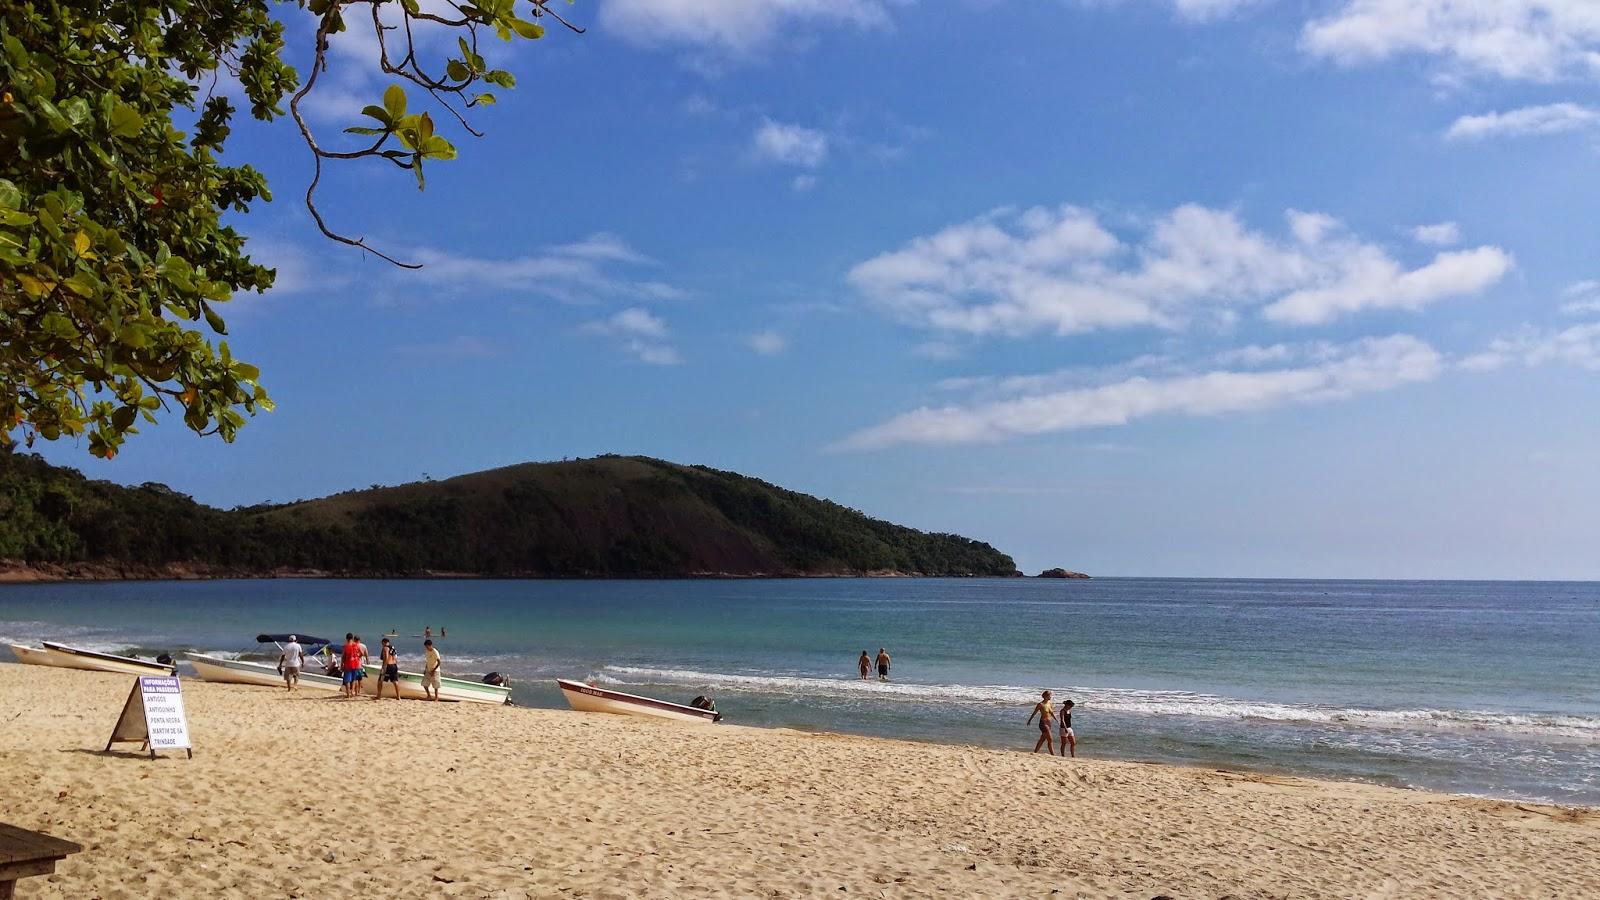 Praia do sono em Paraty, como chegar